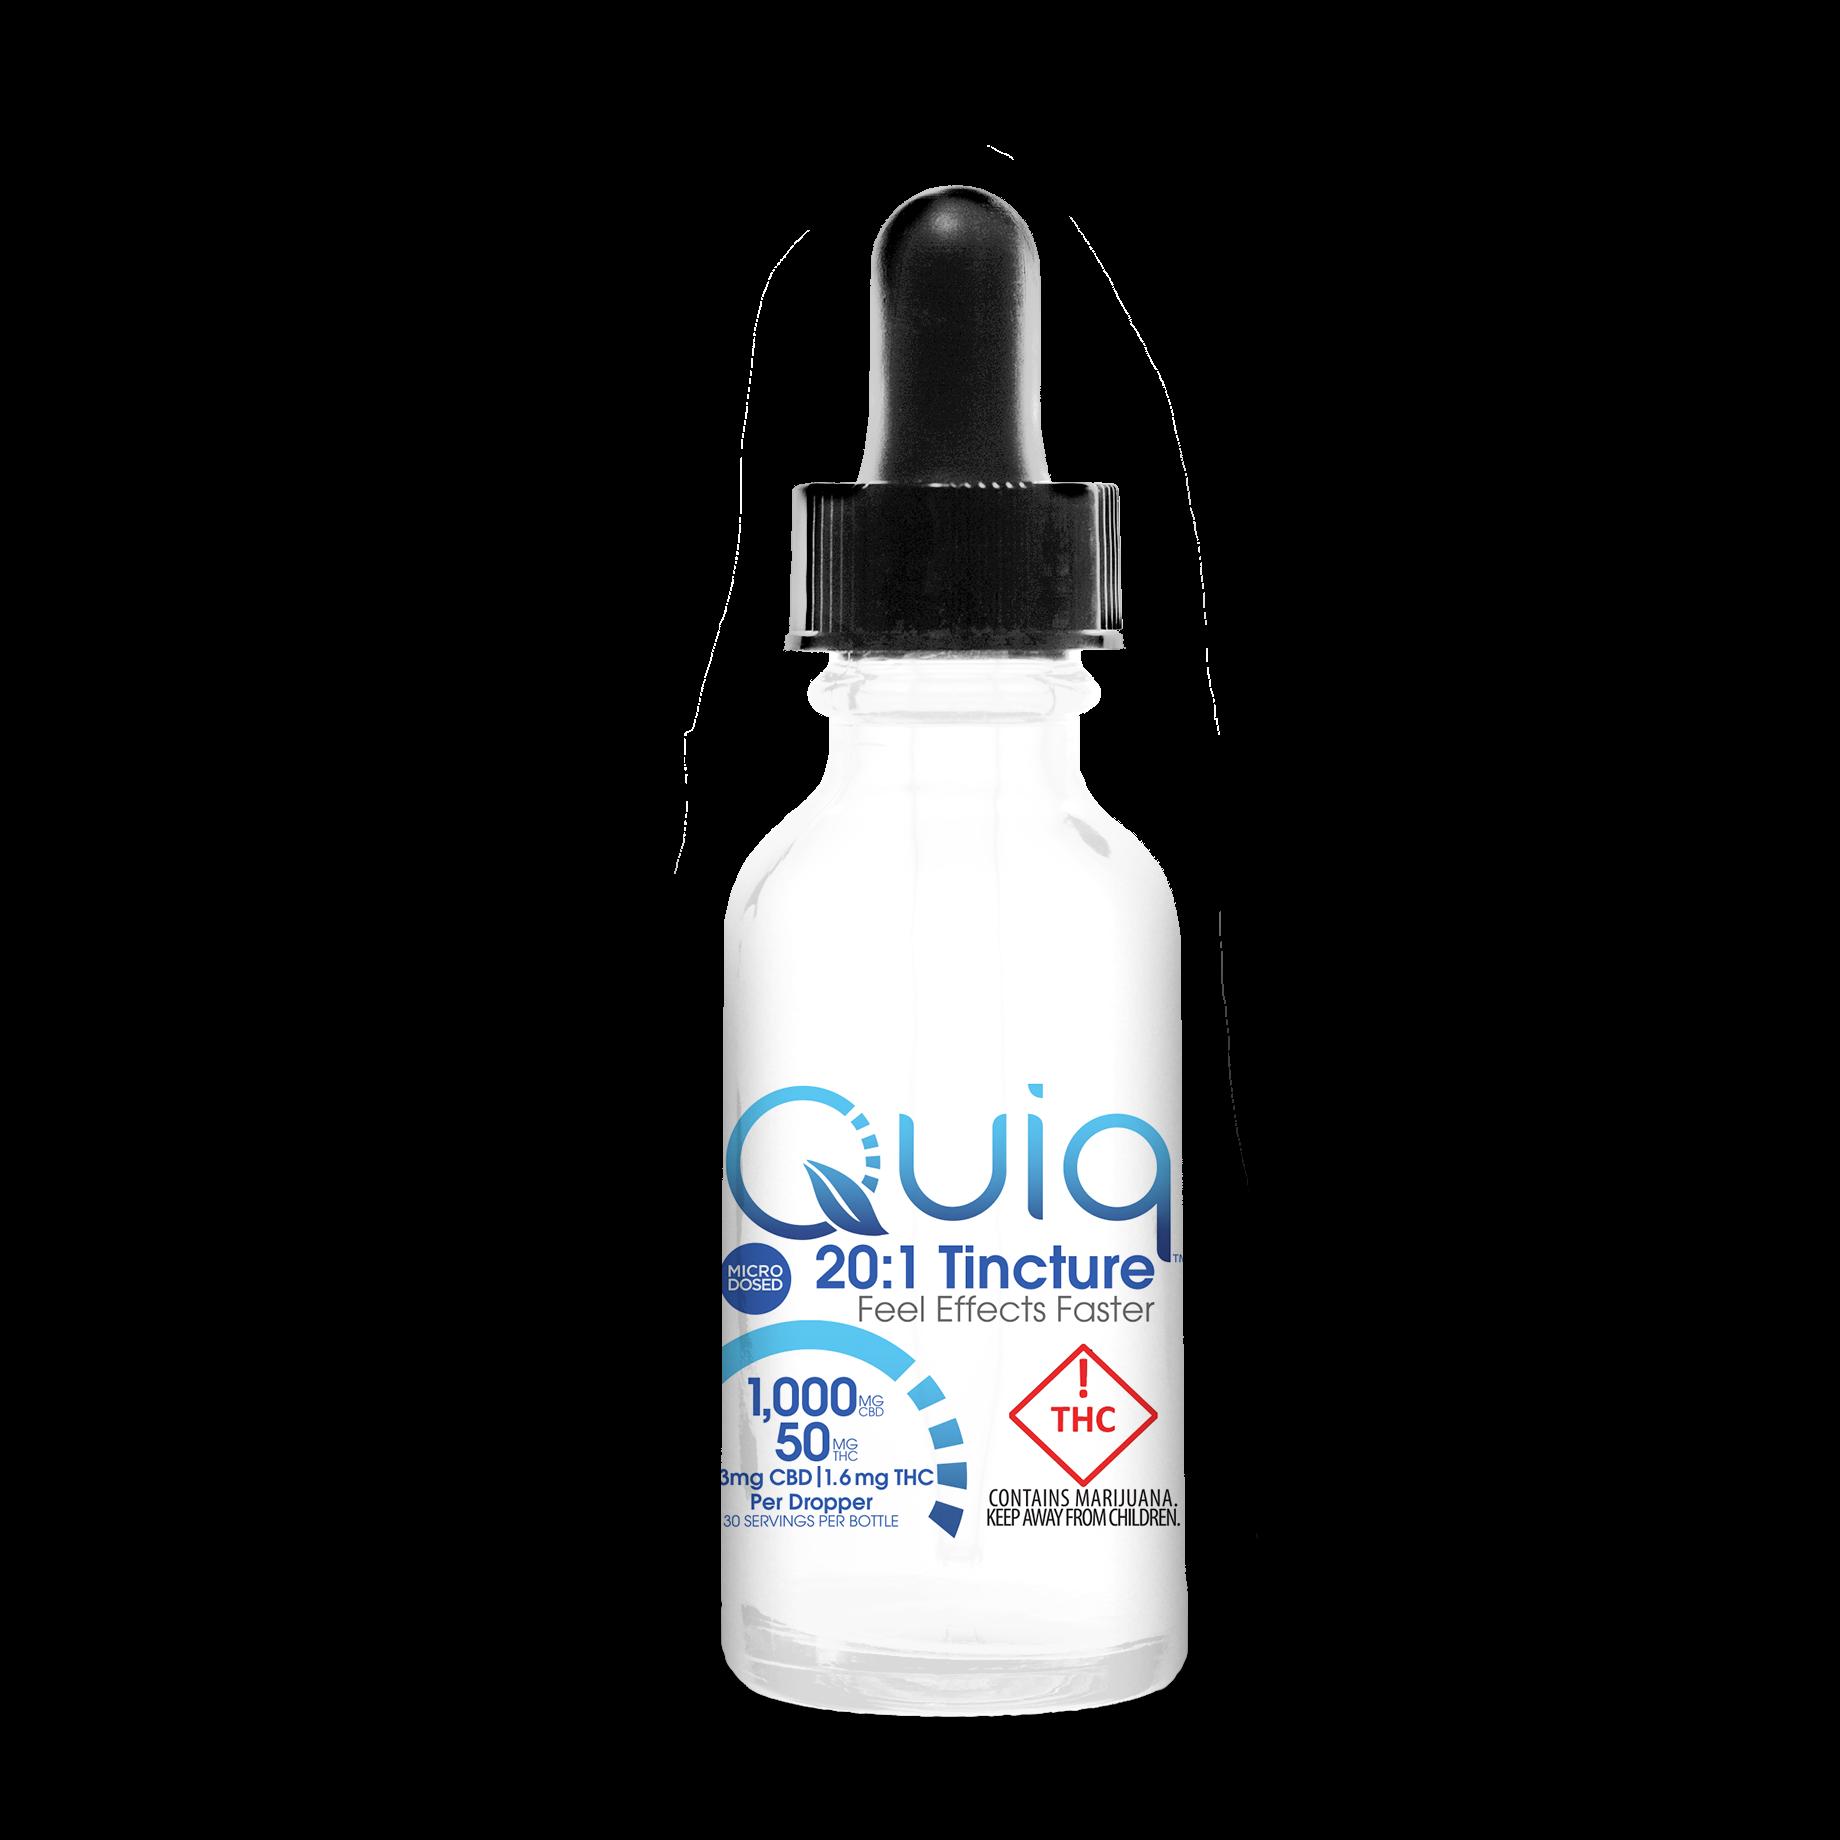 QUIQREC-Tincture-1000C50T-RENDERING